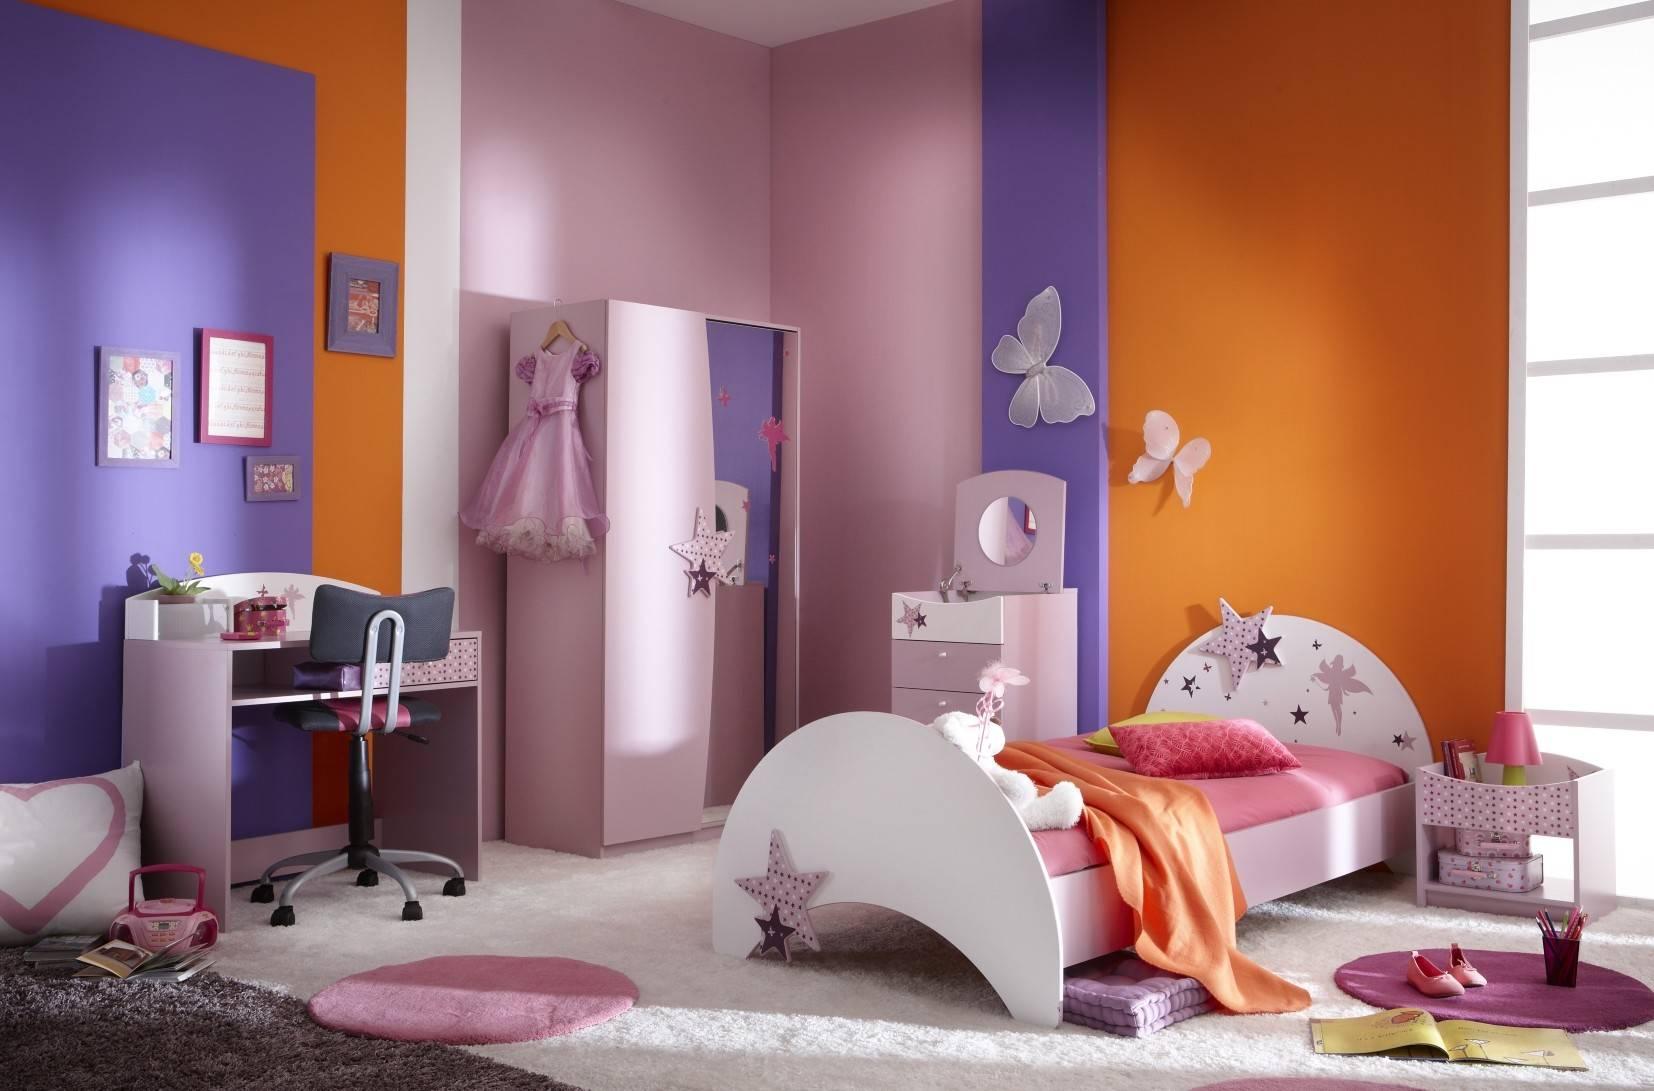 Σετ παιδικού δωματίου Fair 90x190